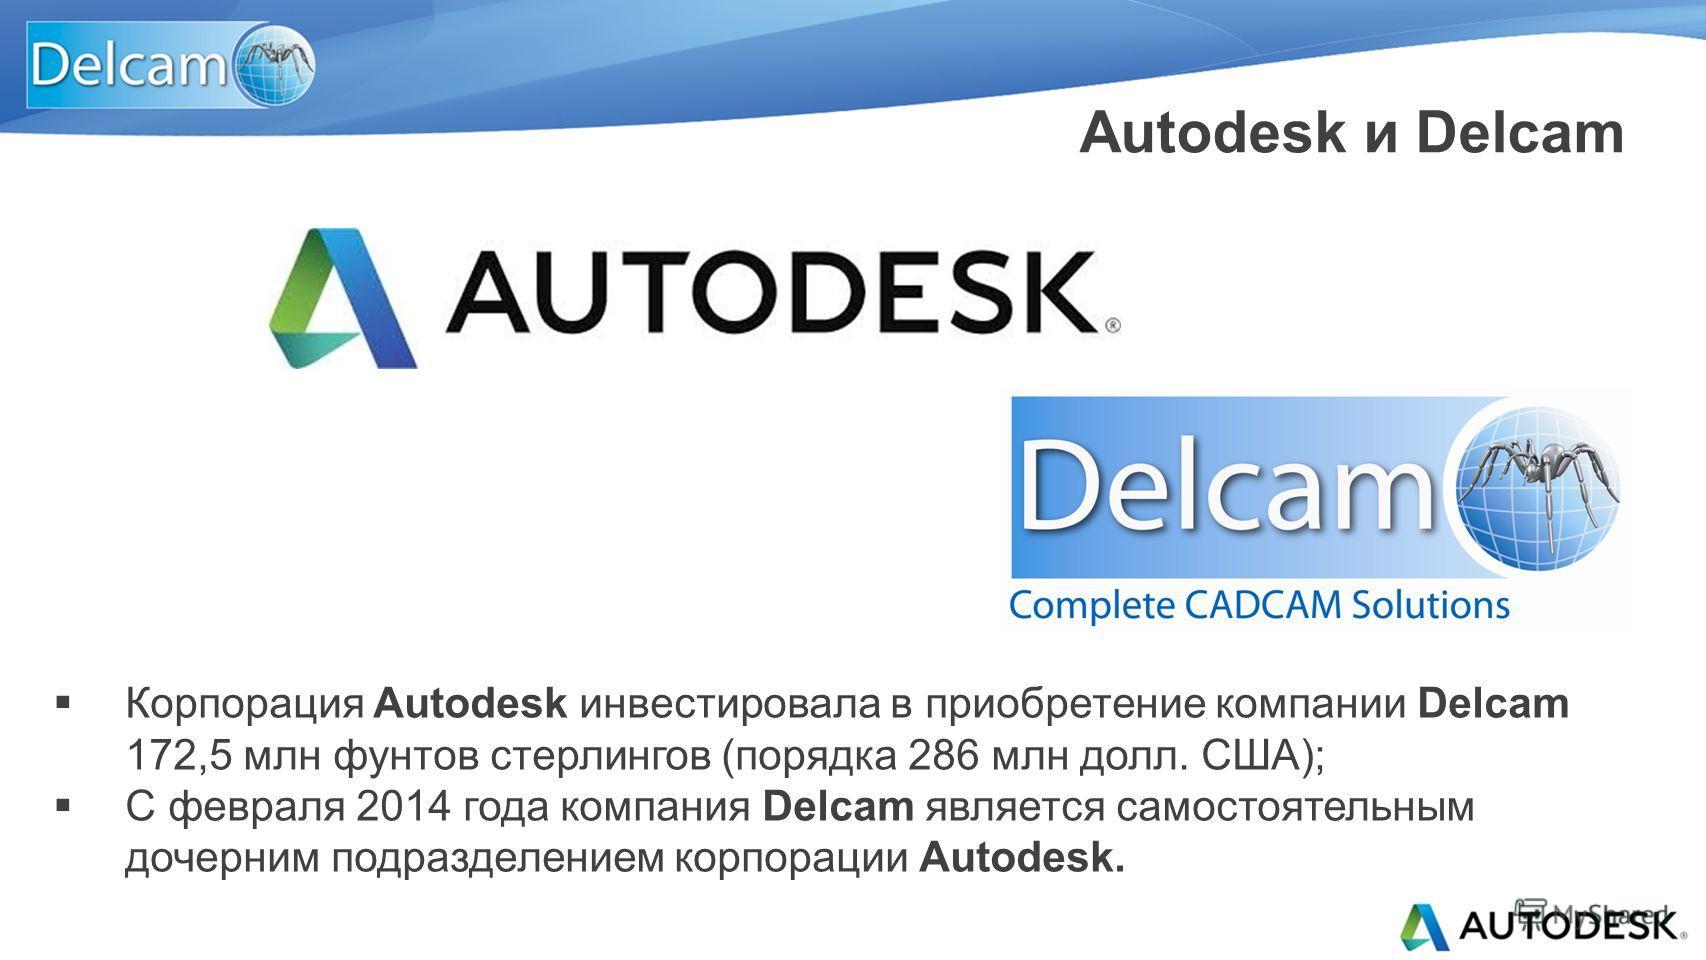 Корпорация Autodesk инвестировала в приобретение компании Delcam 172,5 млн фунтов стерлингов (порядка 286 млн долл. США); С февраля 2014 года компания Delcam является самостоятельным дочерним подразделением корпорации Autodesk. Autodesk и Delcam